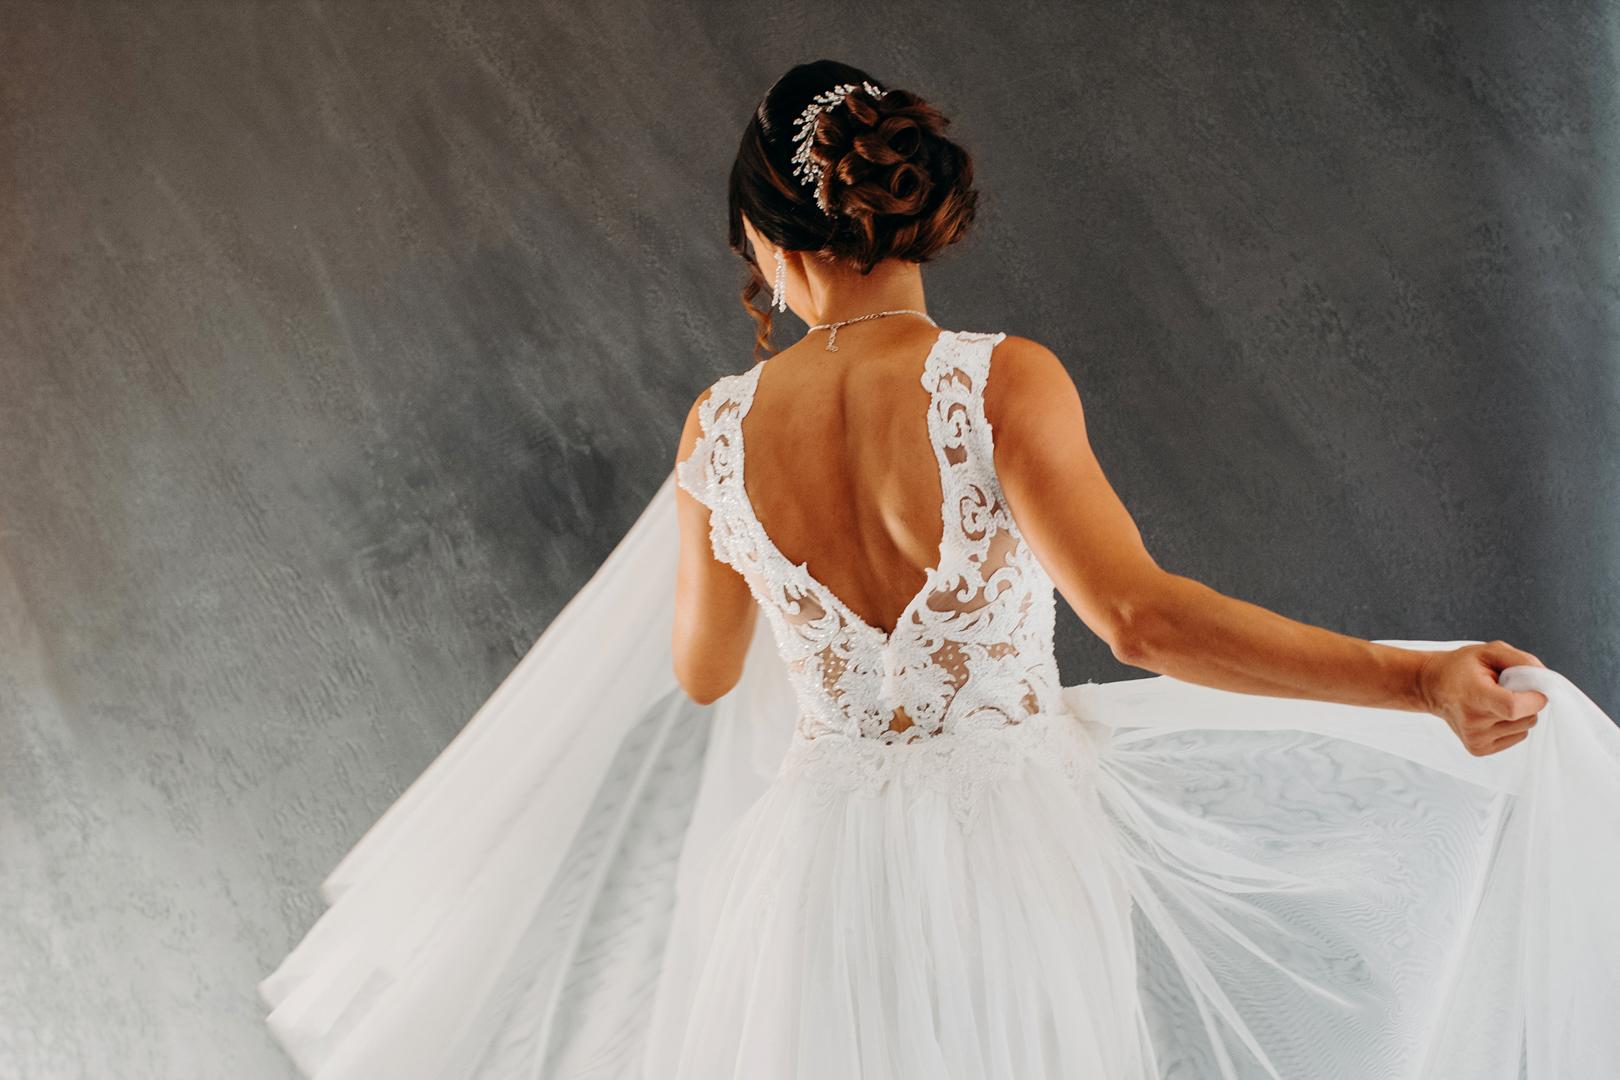 9 gianni-lepore-abito-sposa-fotografo-dress-bride